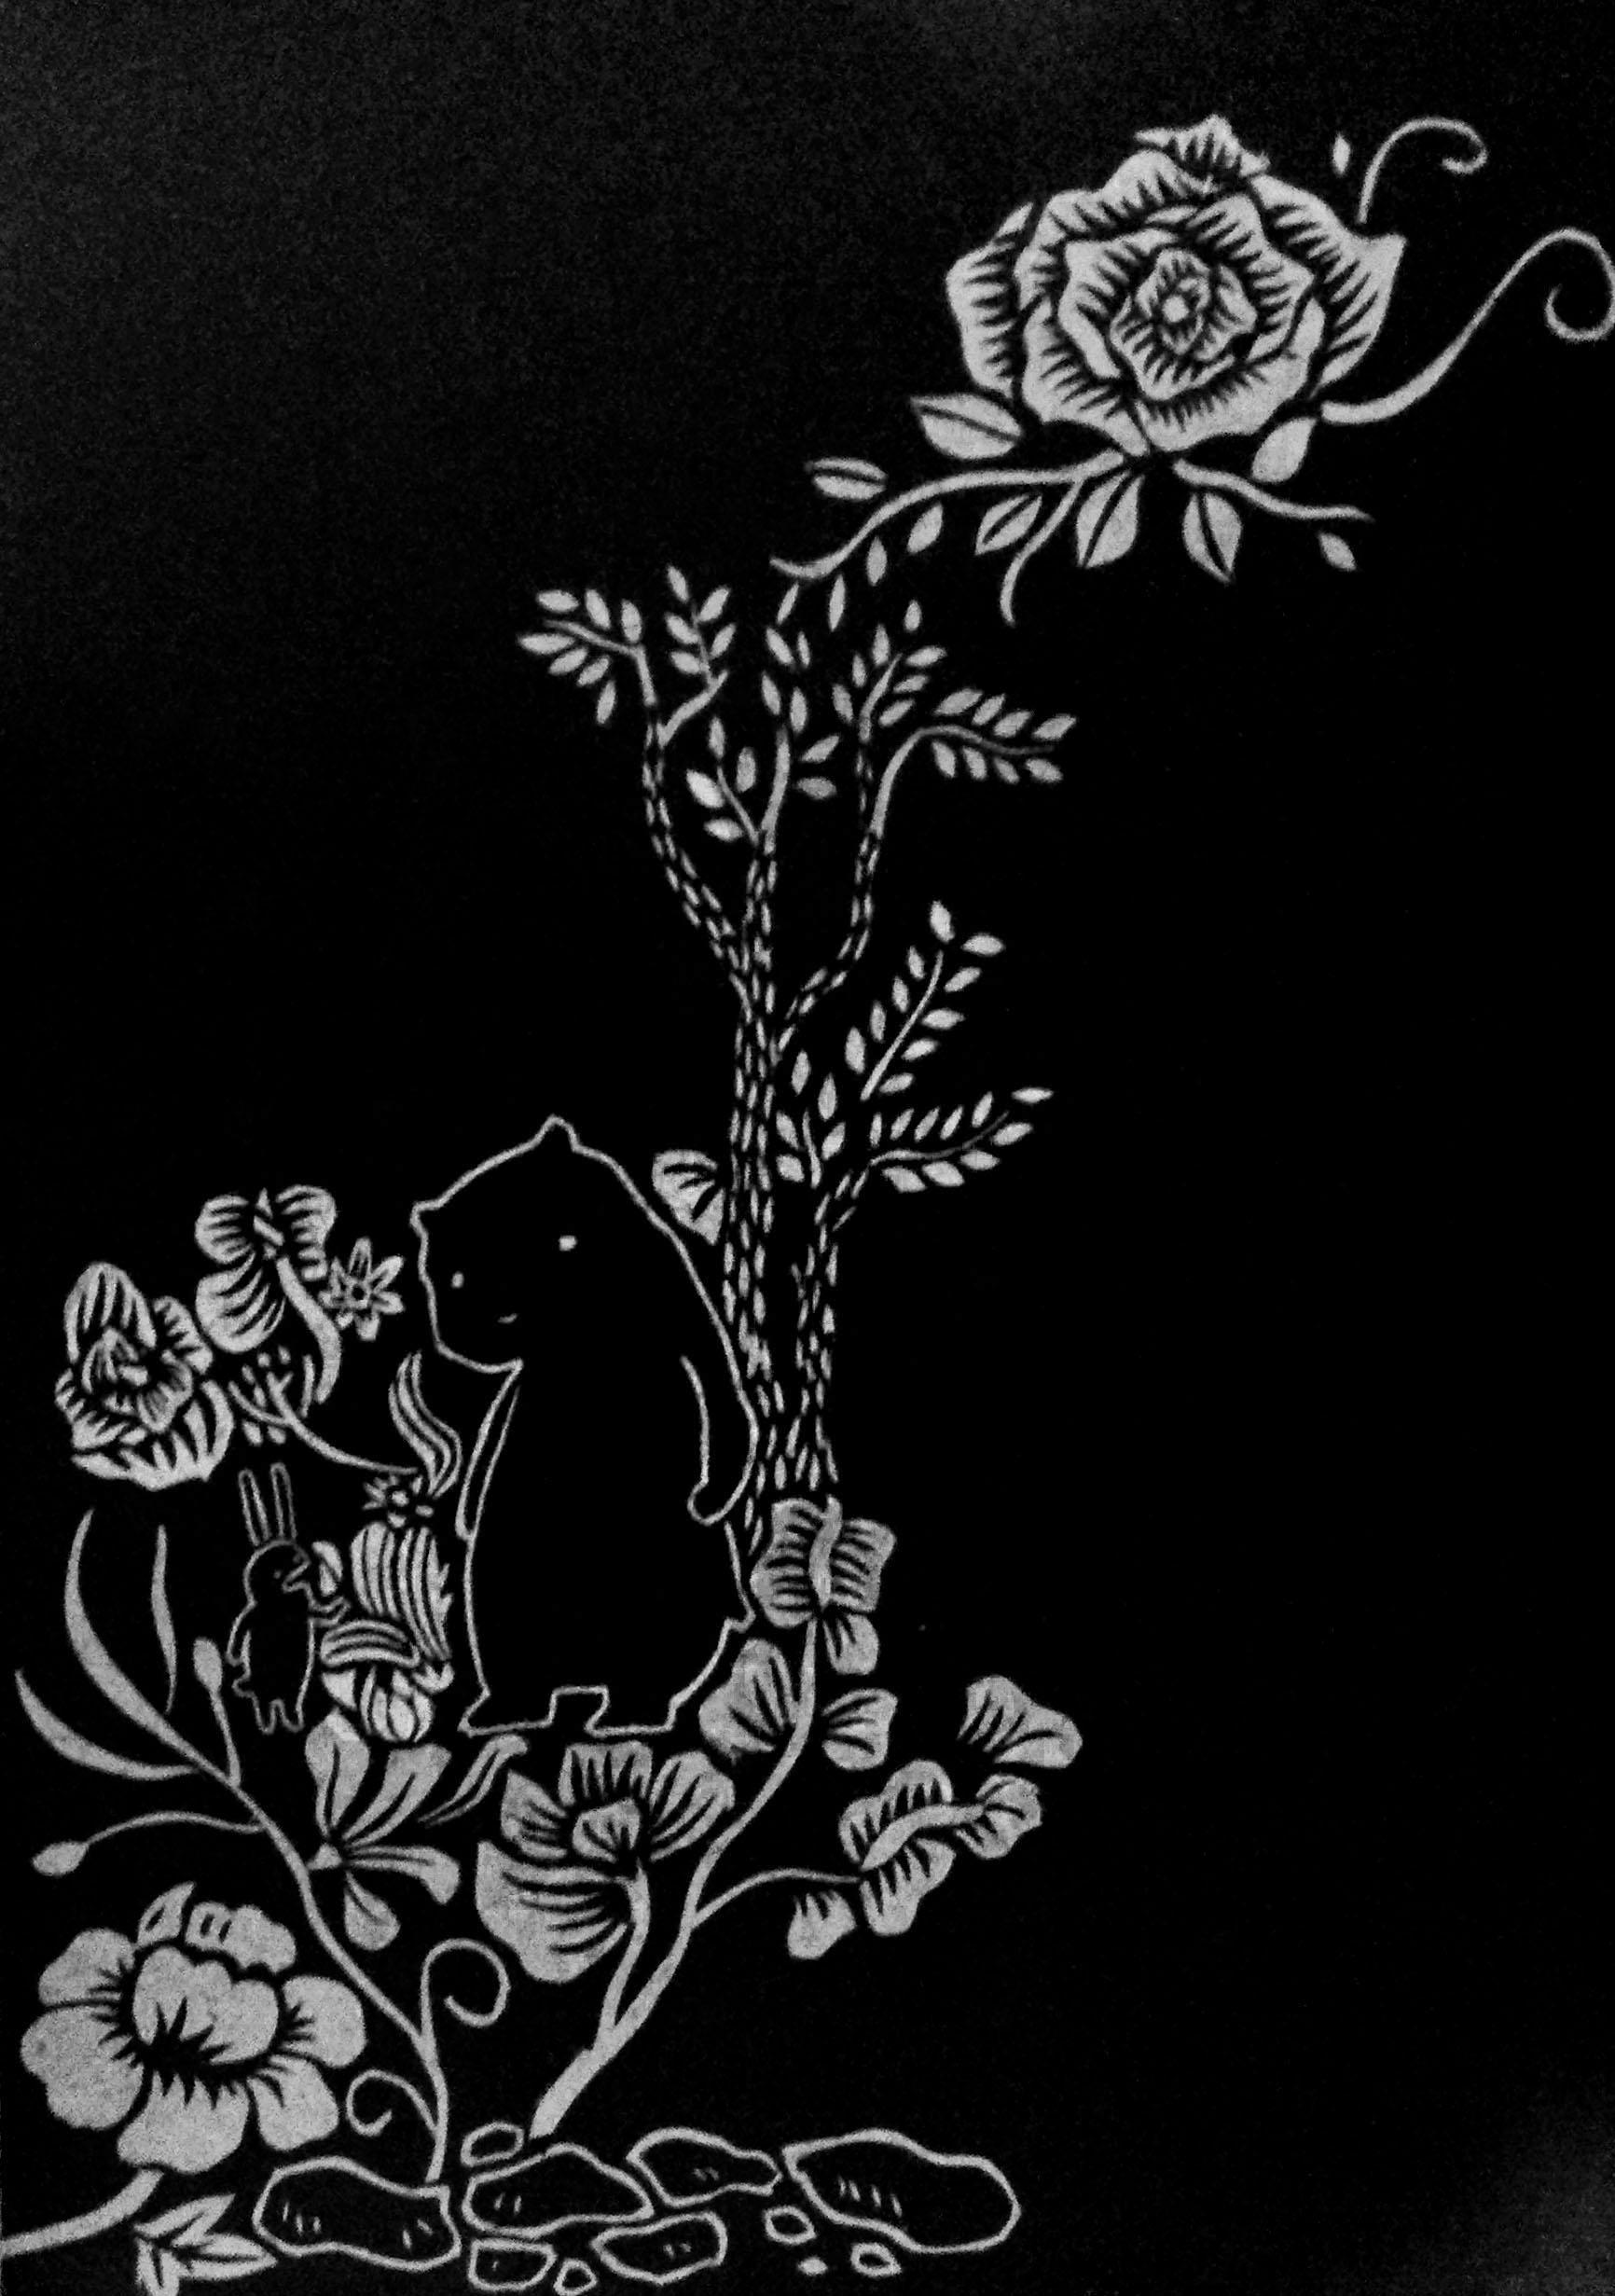 黑卡纸雕-插画